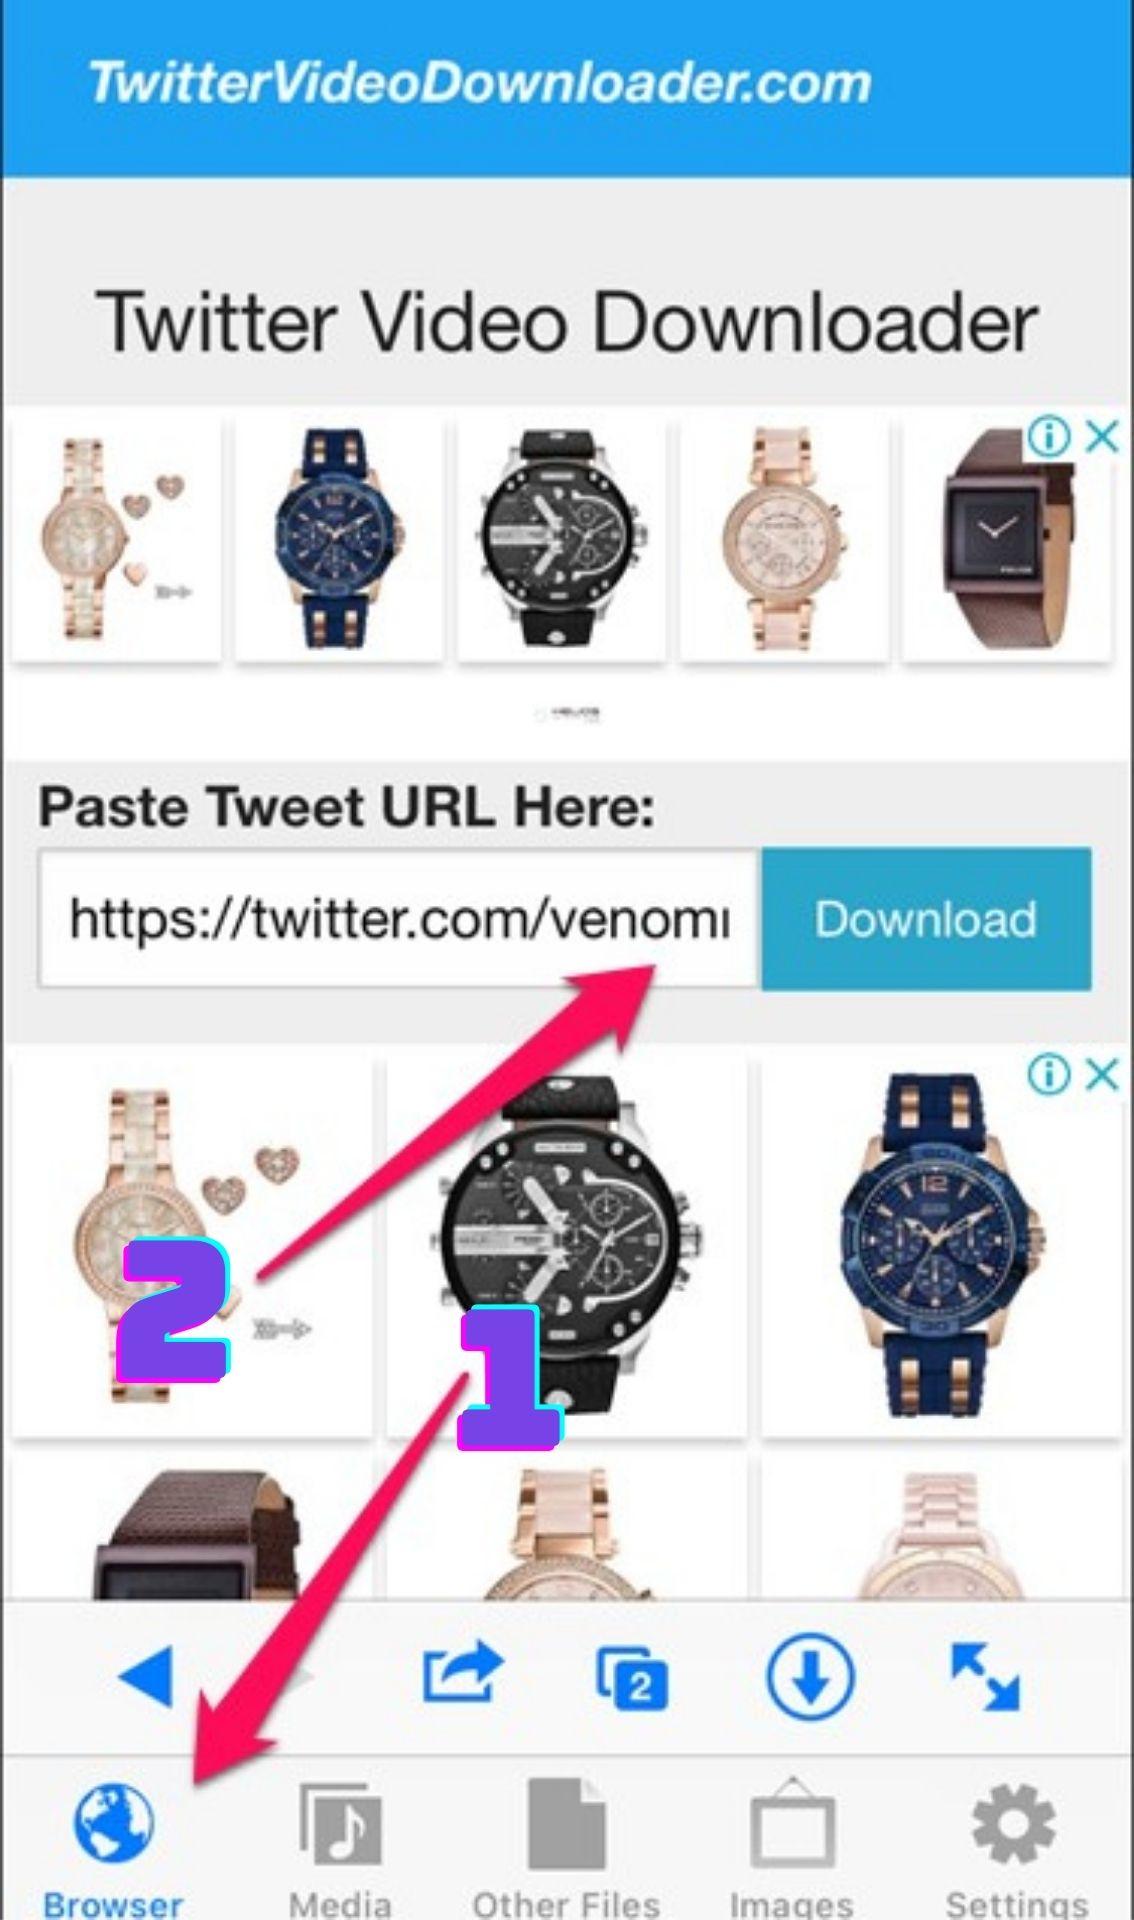 Cách lưu video trên Twitter về iPhone